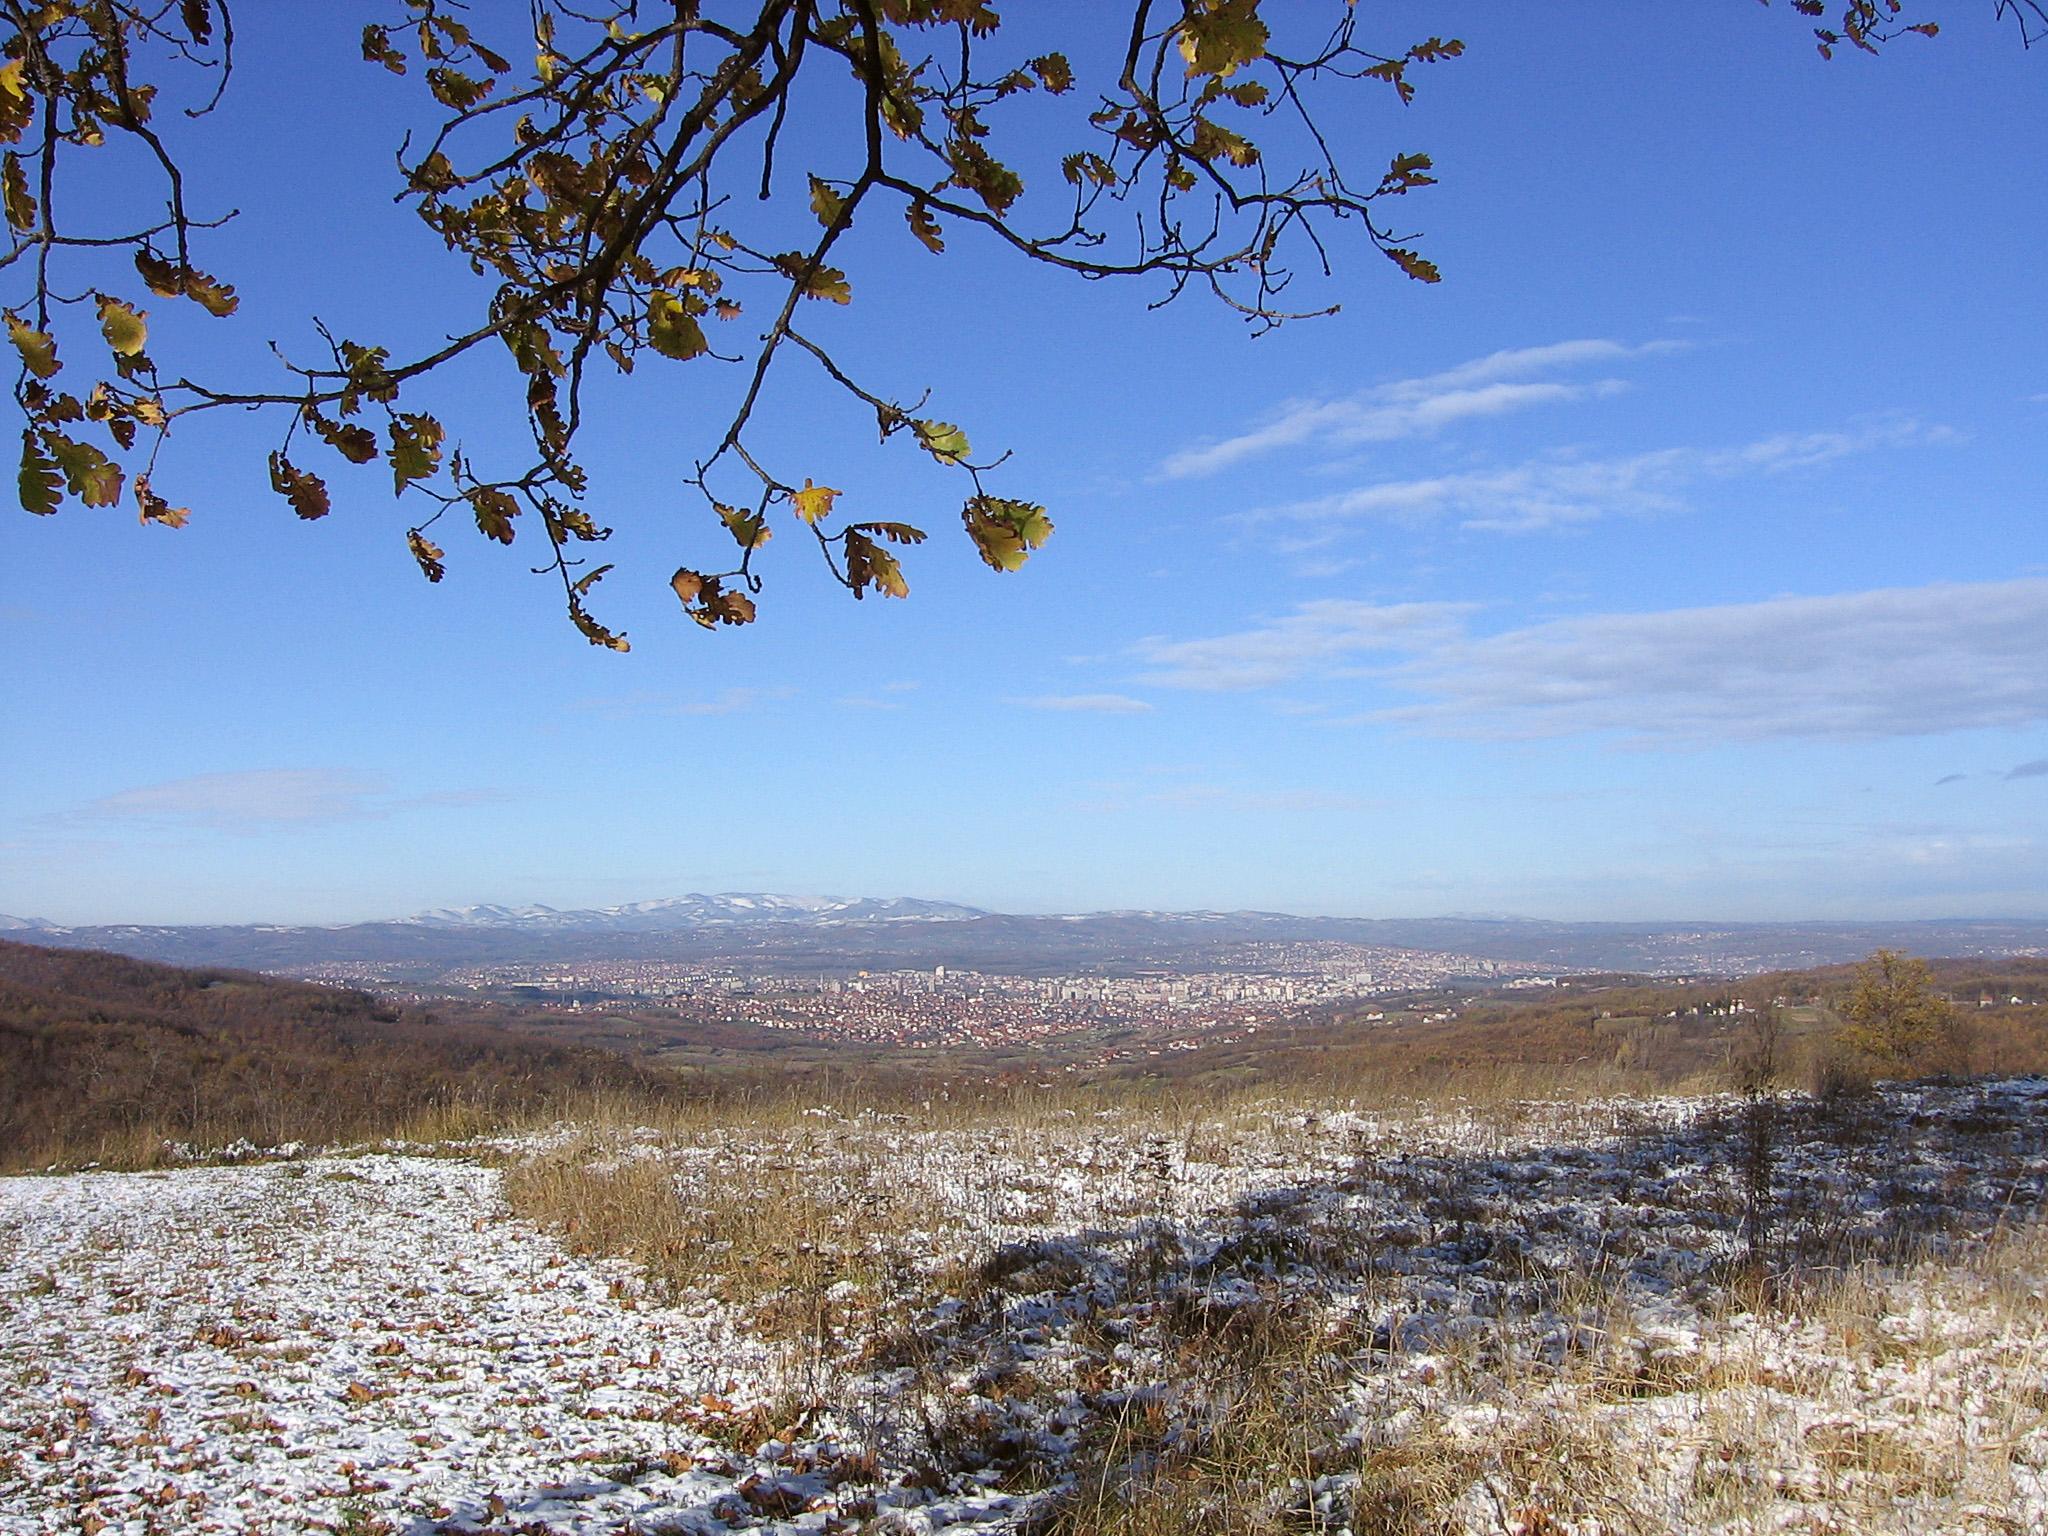 Поглед са стазе према Крагујевцу